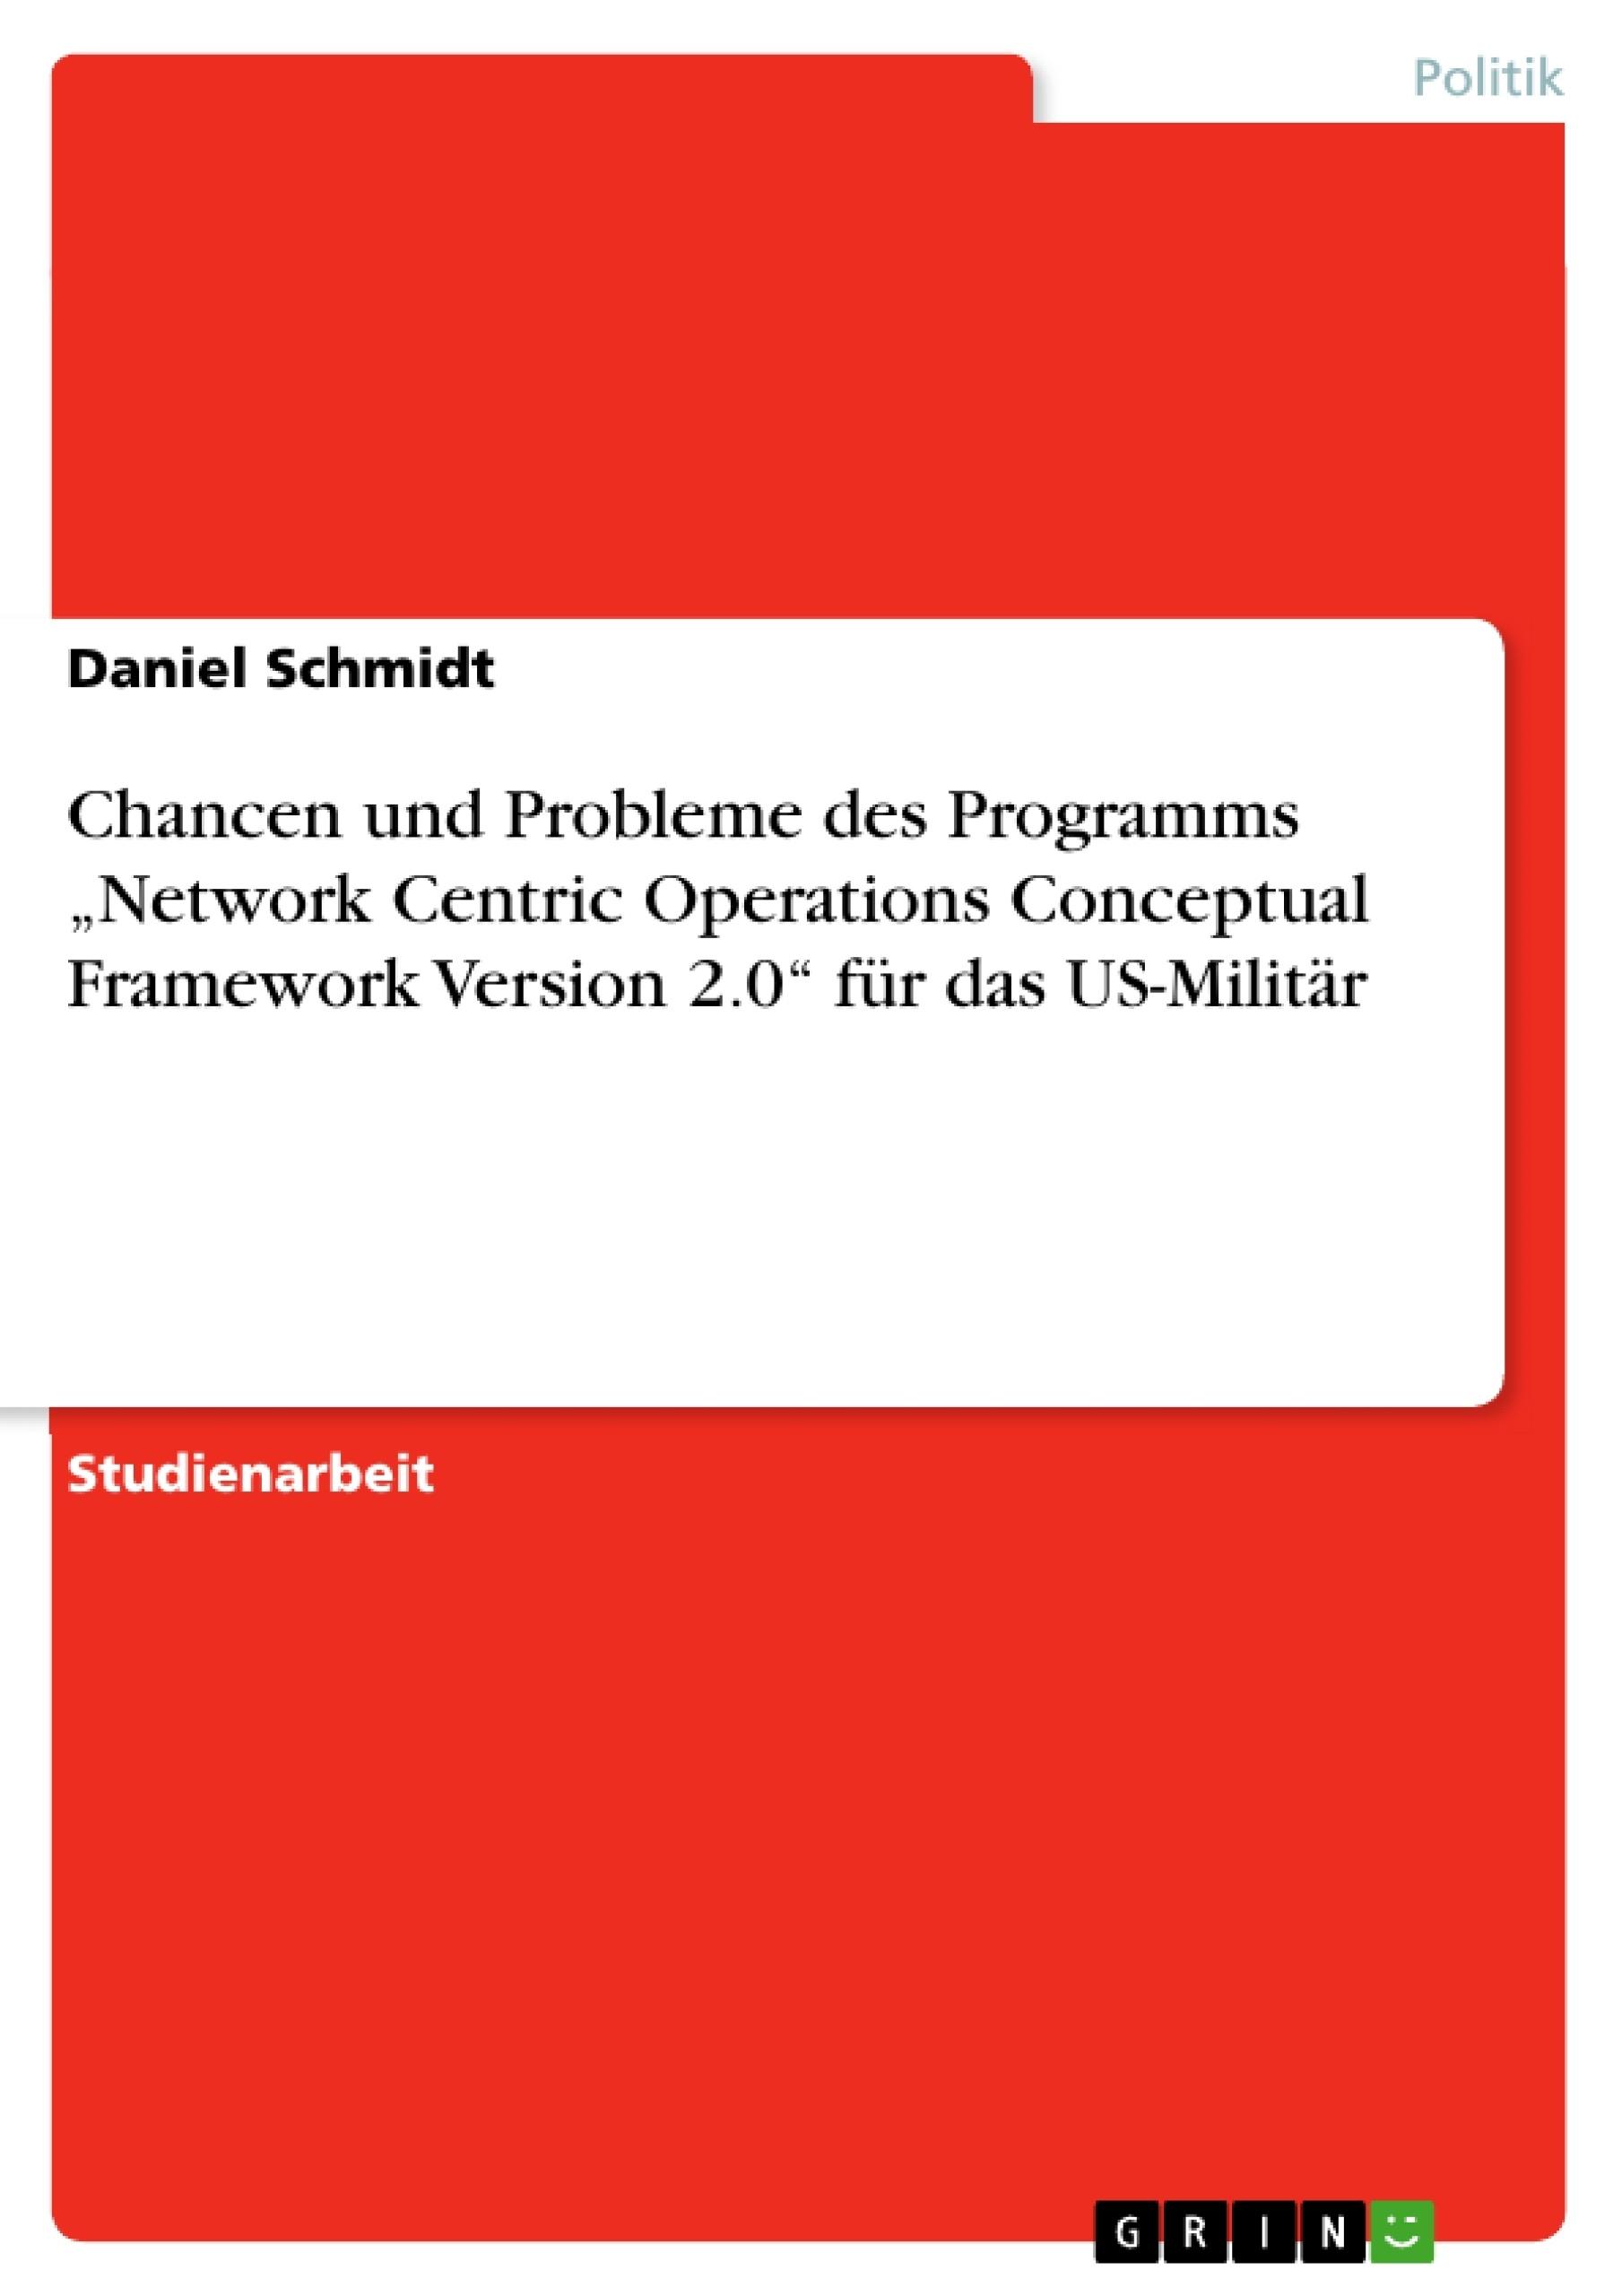 """Titel: Chancen und Probleme des Programms """"Network Centric Operations Conceptual Framework Version 2.0"""" für das US-Militär"""